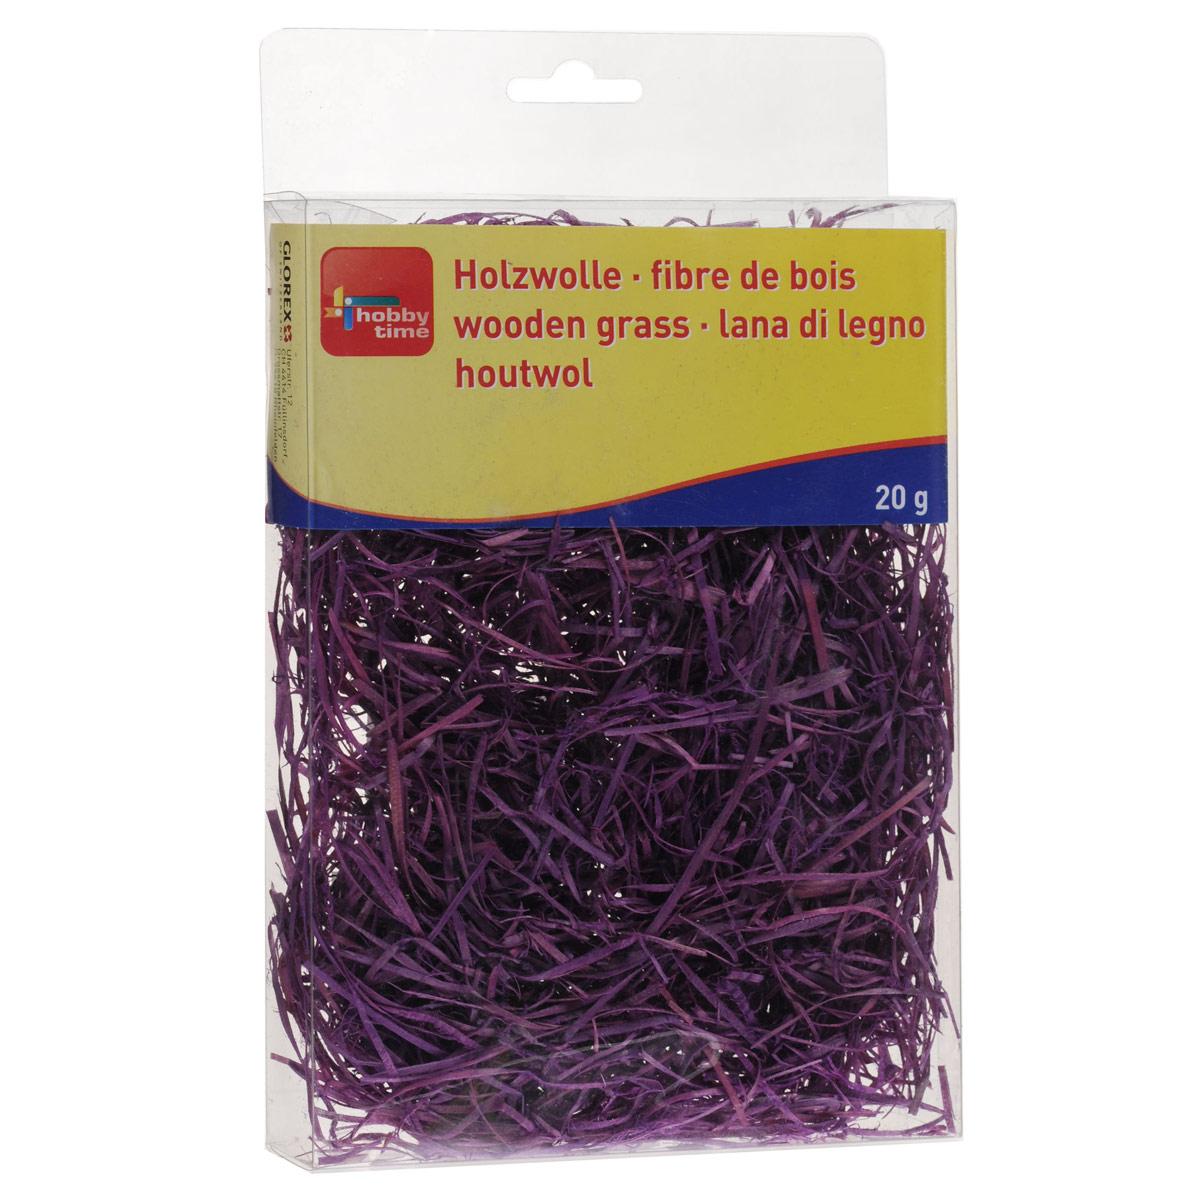 Древесная стружка Hobby Time, цвет: лиловый (11), 20 г7706397_11Древесная стружка Hobby Time является оригинальным натуральным материалом для декора, флористики и упаковки подарков. Естественная пластичная древесина из лиственных пород деревьев (без смолы) при небольшом увлажнении становится податливым материалом, которому можно придать необходимую форму. Тонкая стружка, сухая, экологически чистая, специально подготовленная. Могут встречаться волокна более темного или серого цвета - это нормально для натуральной древесины, которая со временем темнеет при контакте с воздухом. Стружка окрашивается в различные цвета и часто применяется в ландшафтном дизайне, изготовлении цветочных композиций, подарочных корзин, декорировании цветочных горшков, рамок, стен, в скрапбукинге, для упаковки хрупких предметов и много другого. Такой материал можно комбинировать с различными аксессуарами, как с природными - веточки, шишки, скорлупа, кора, перья так и с искусственными - стразы, бисер, бусины. Уникальная токая структура...